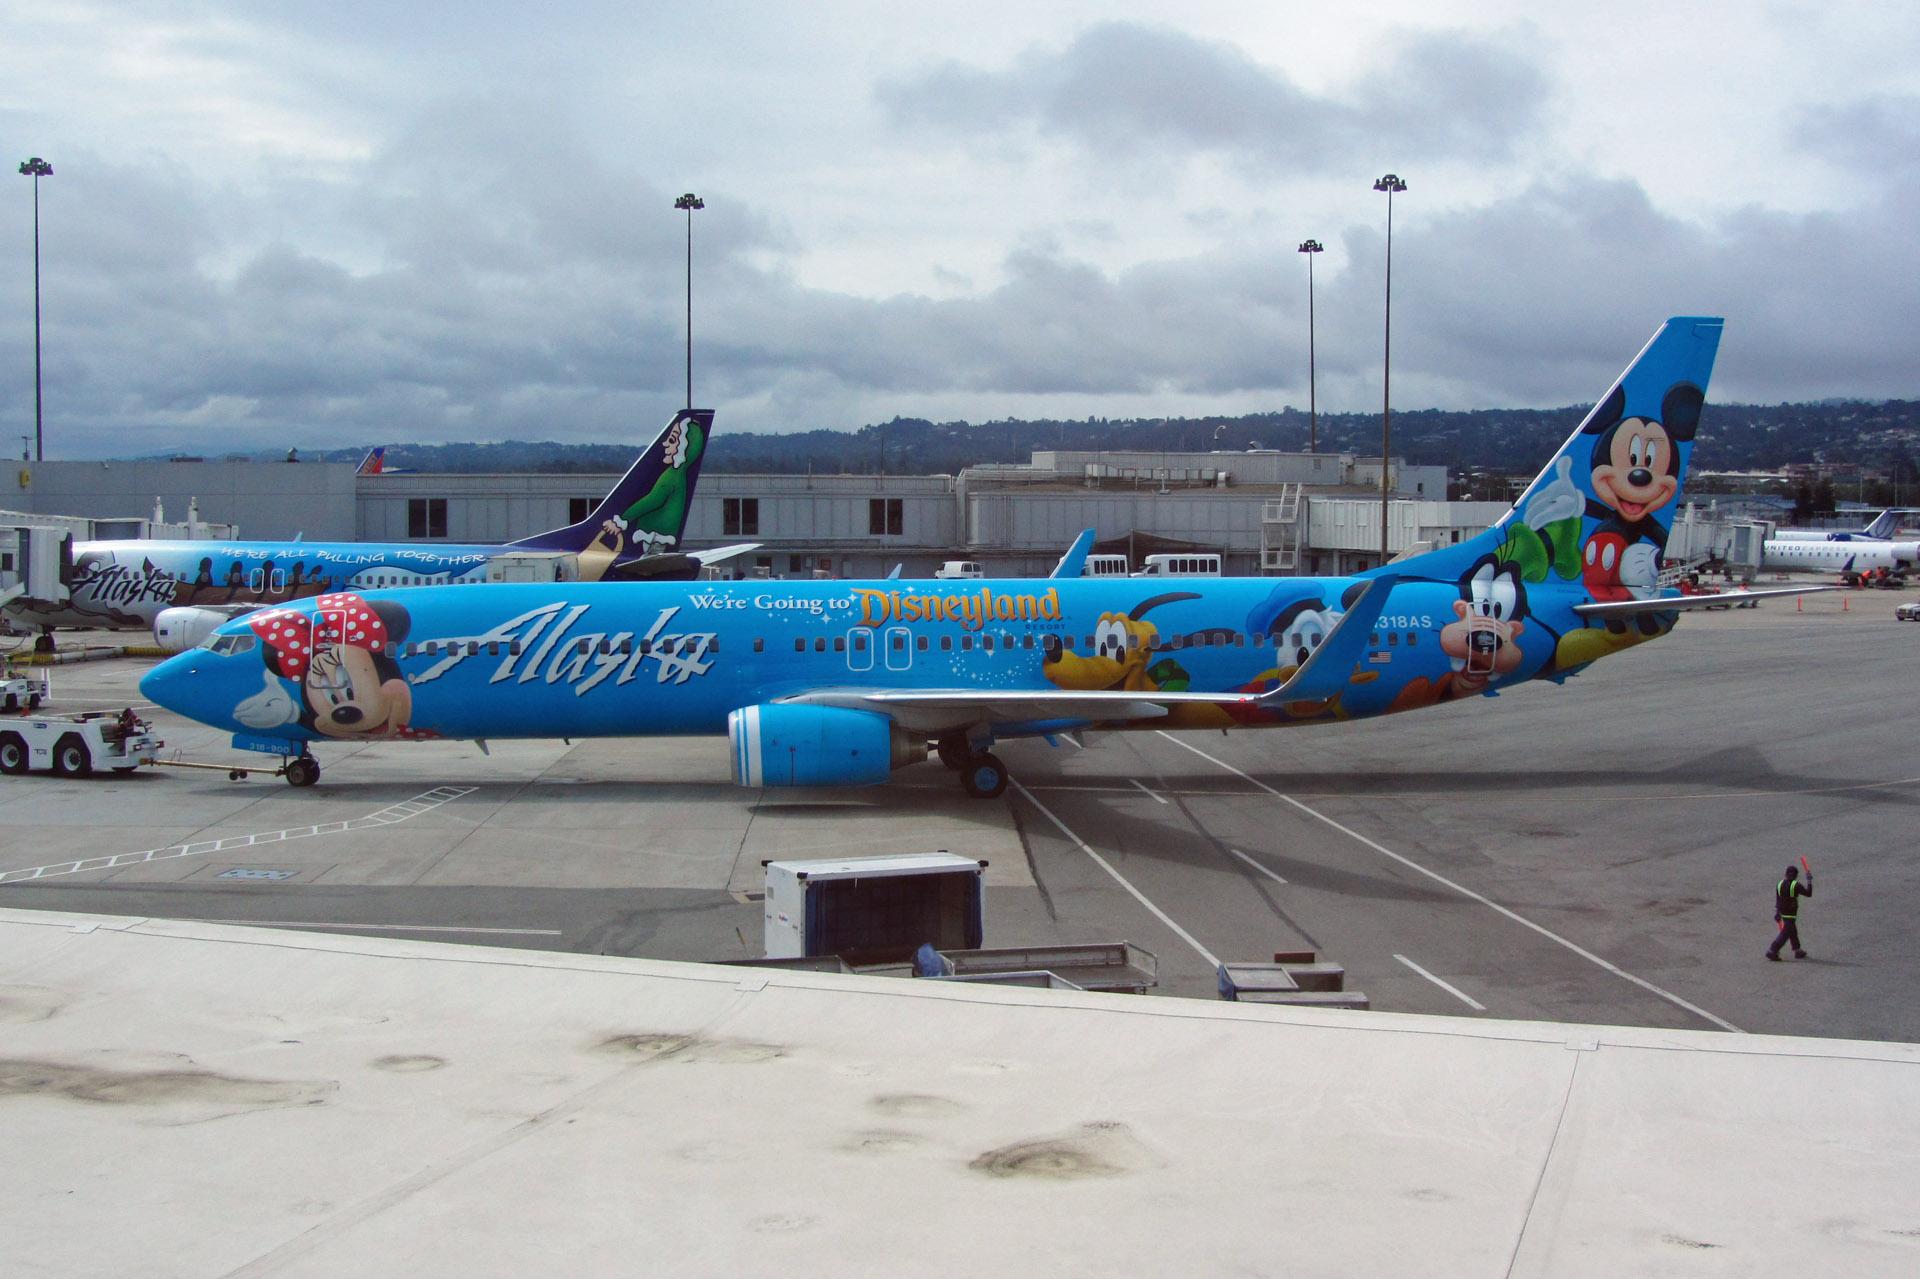 夫婦で飛行機三昧:アラスカ航空のディズニー塗装機